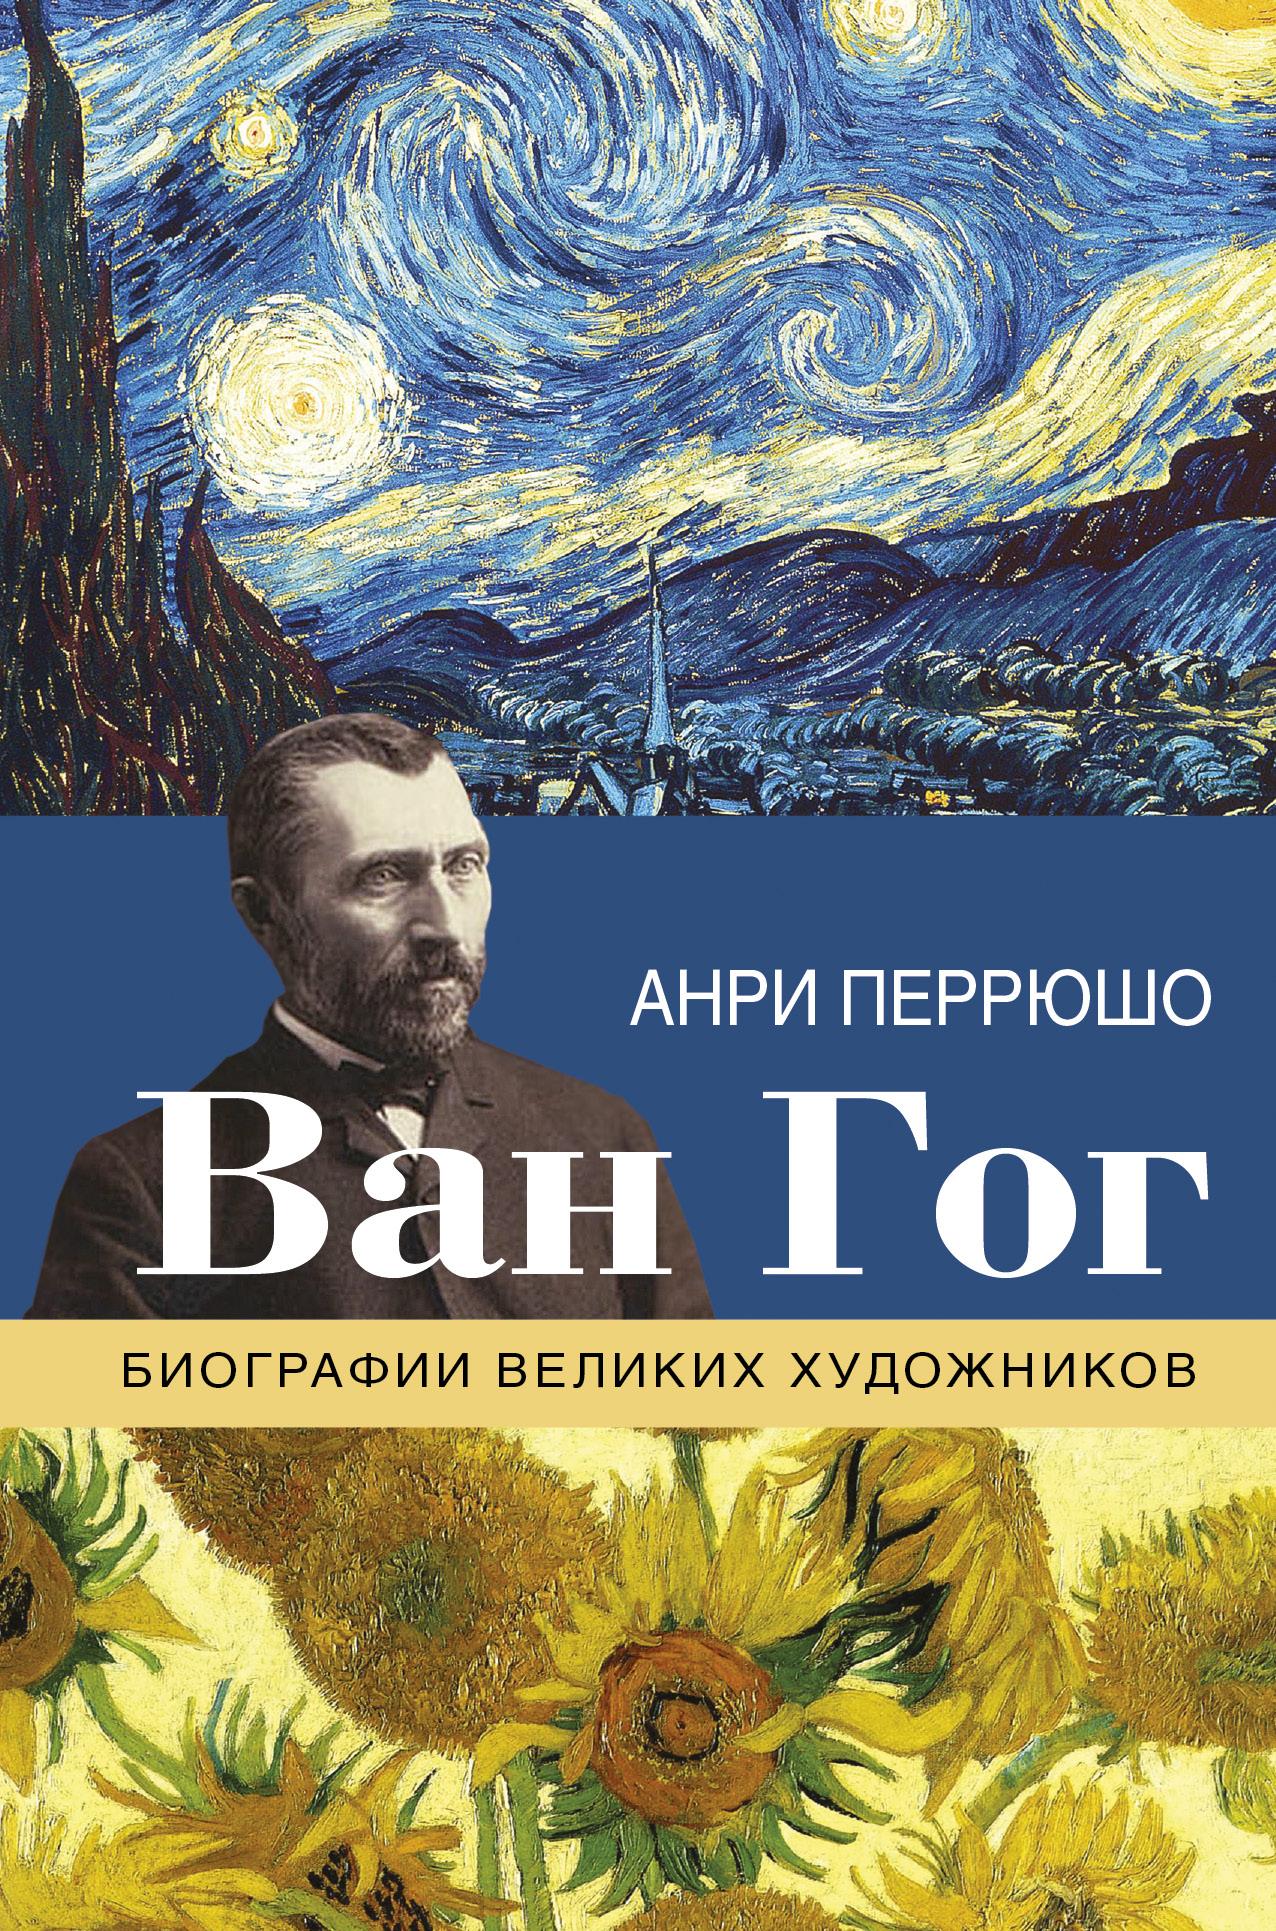 Ван Гог от book24.ru